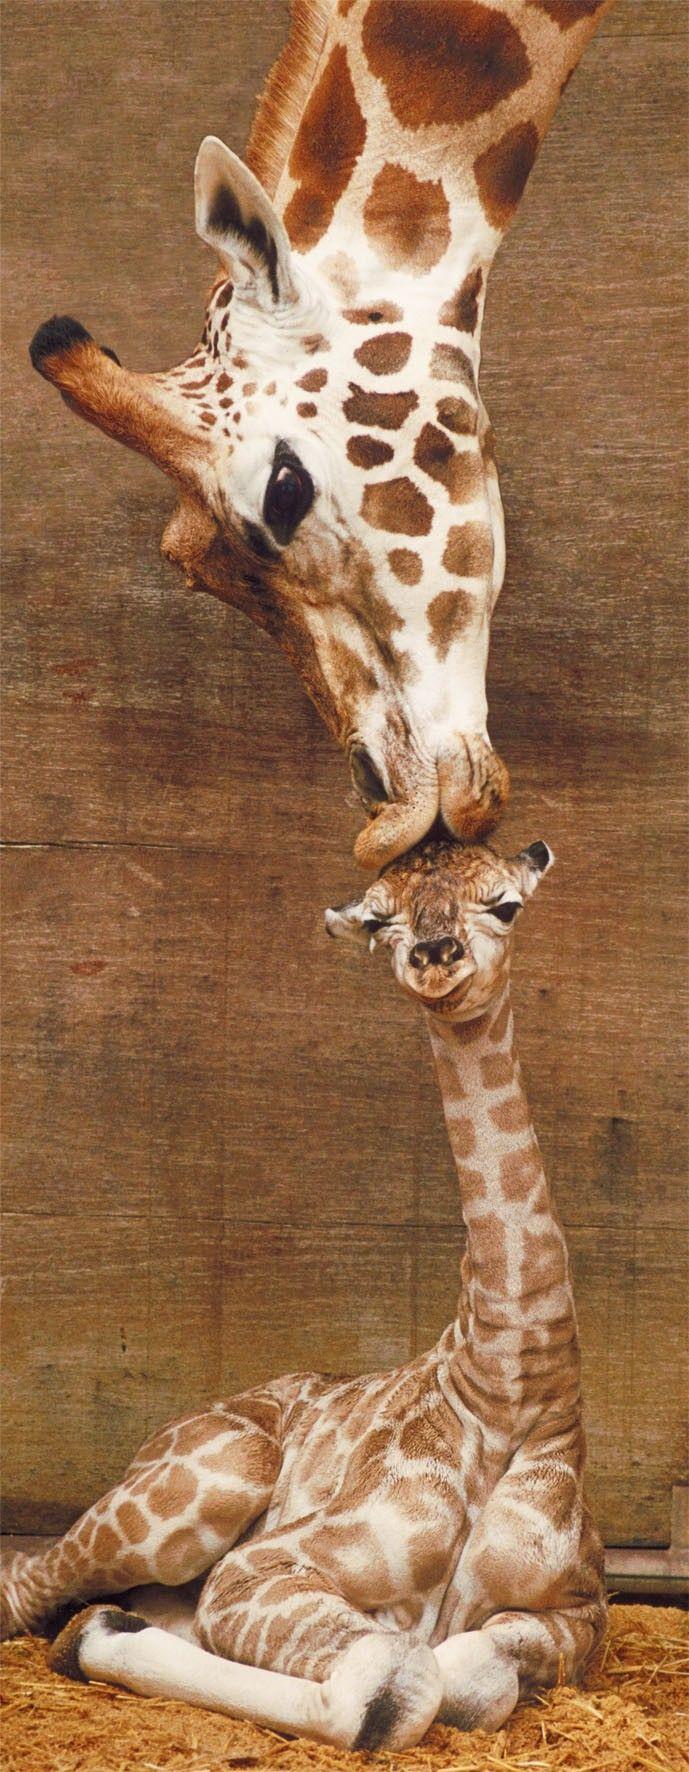 Puzzle maman girafe bisous sur la t te puzzles animaux - Image bebe animaux ...